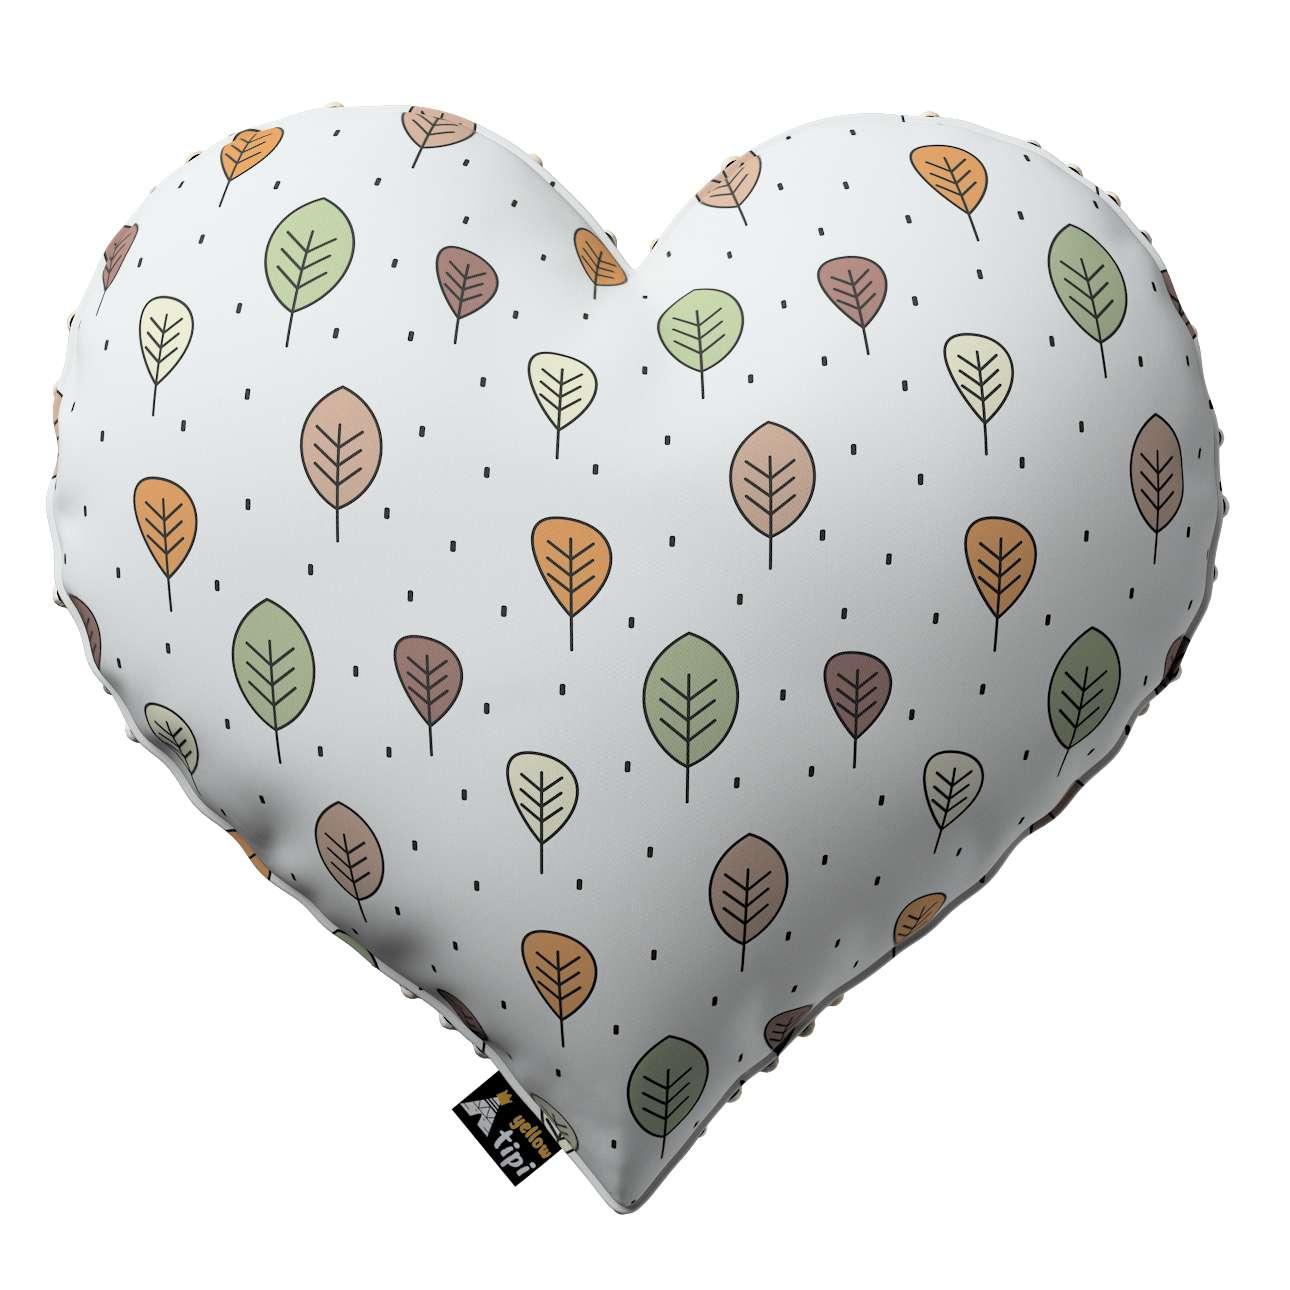 Kissen Heart of Love aus Minky von der Kollektion Magic Collection, Stoff: 500-09